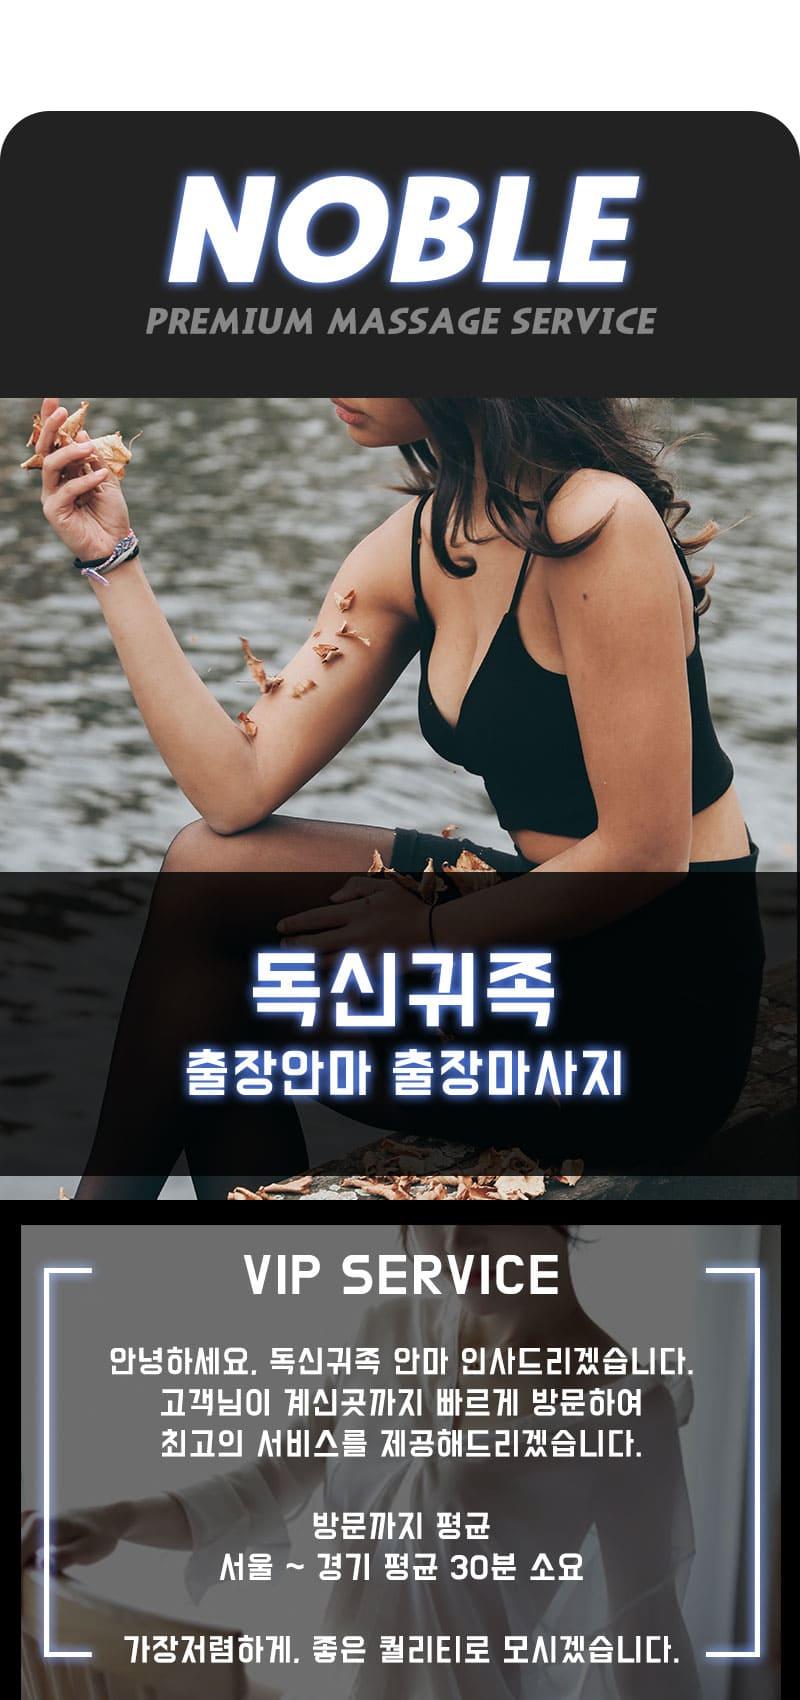 판교출장안마 소개